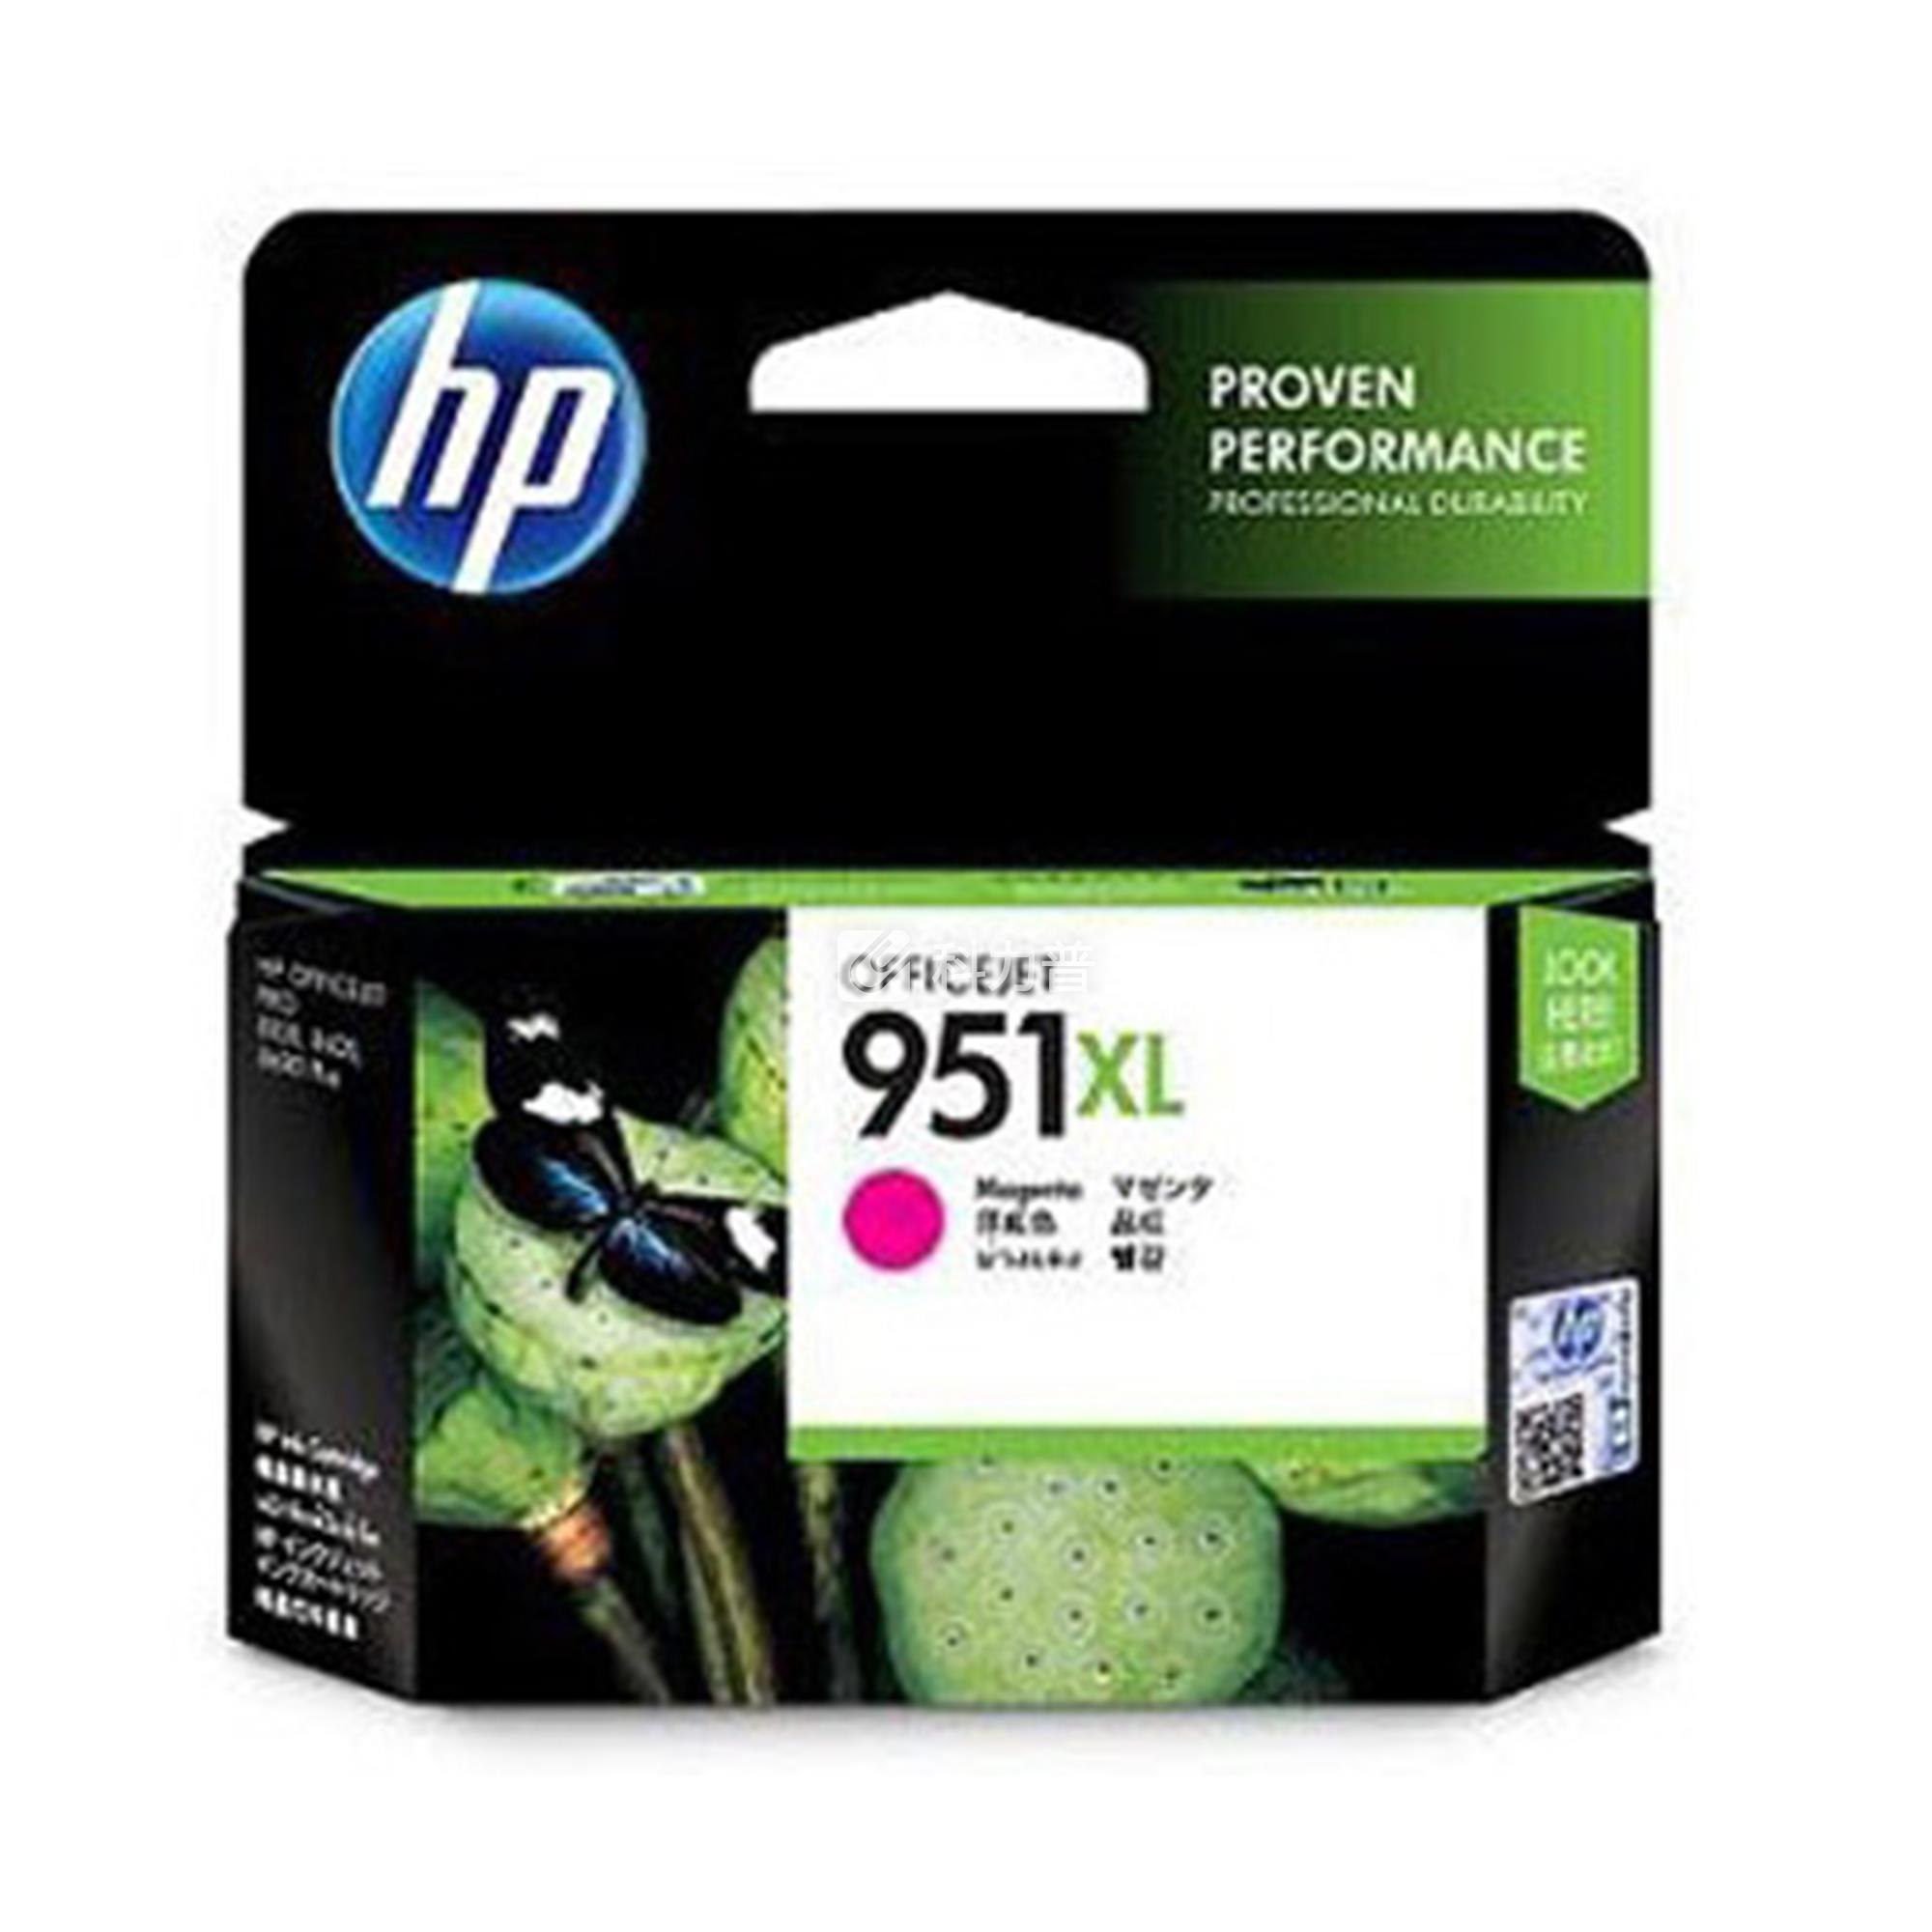 惠普 HP 大容量墨盒 CN047AA 951XL (品红色)